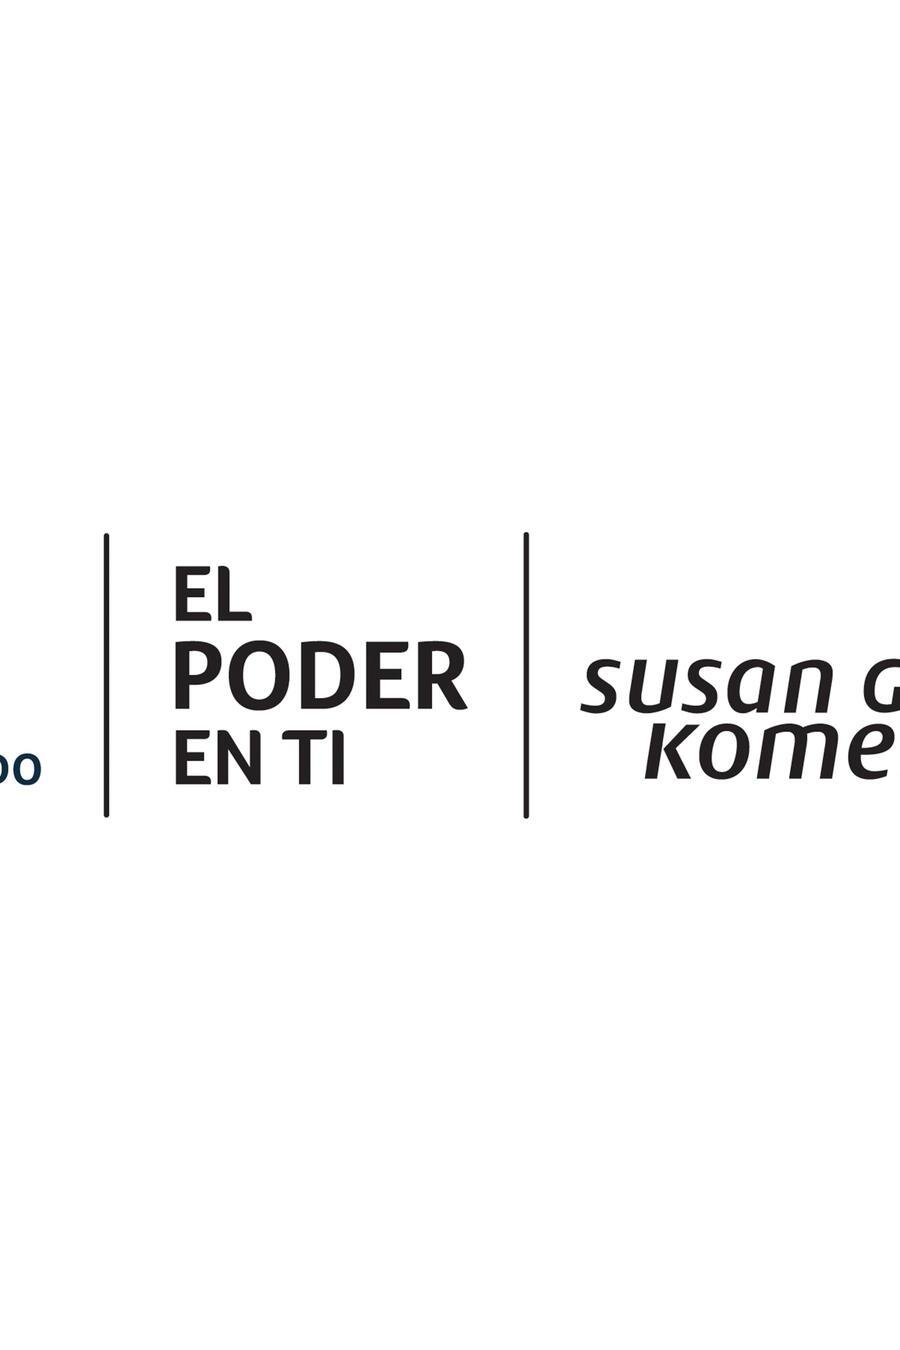 Susan G Komen®